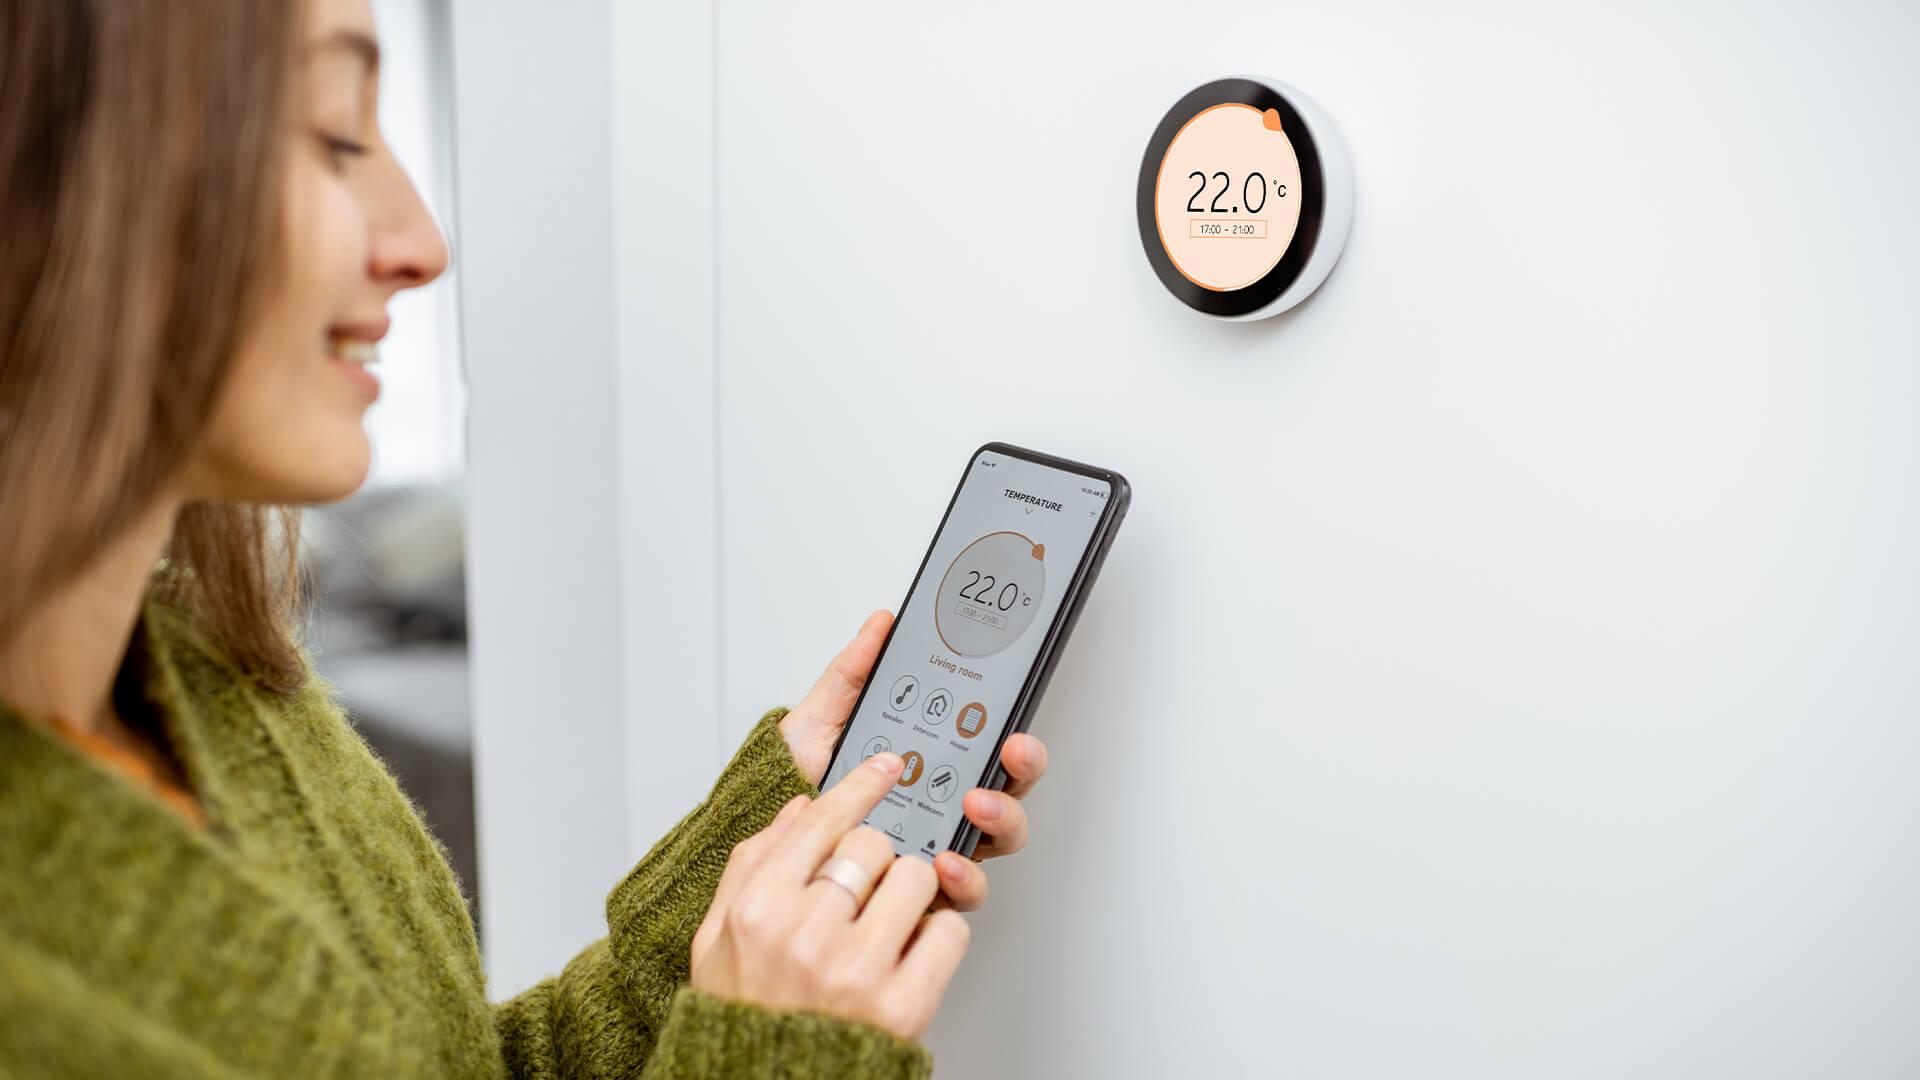 Regulating home temperature